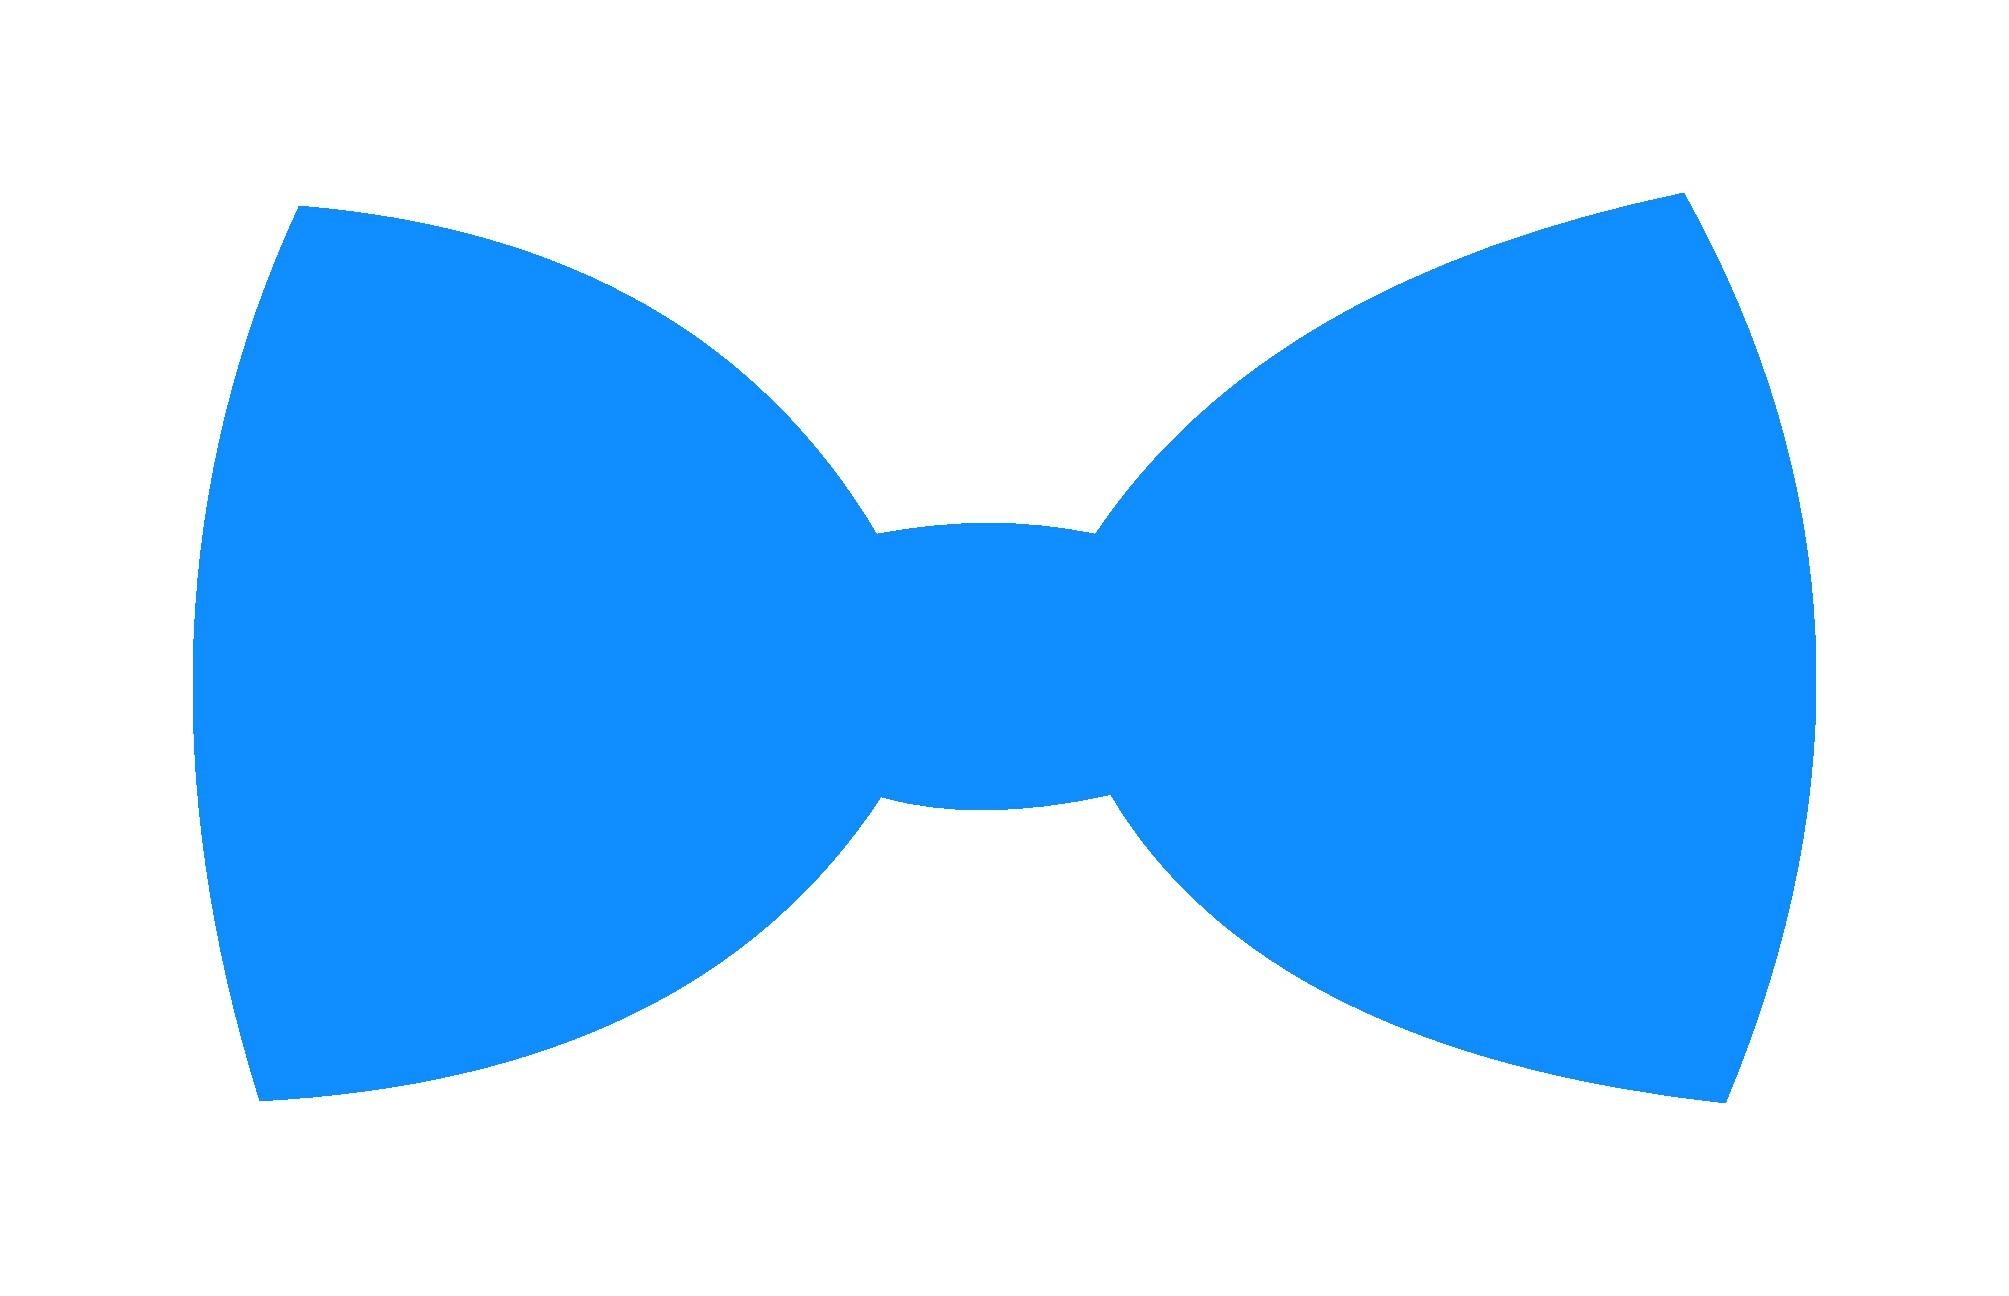 Bow Tie Svg-Bow Tie Svg-4